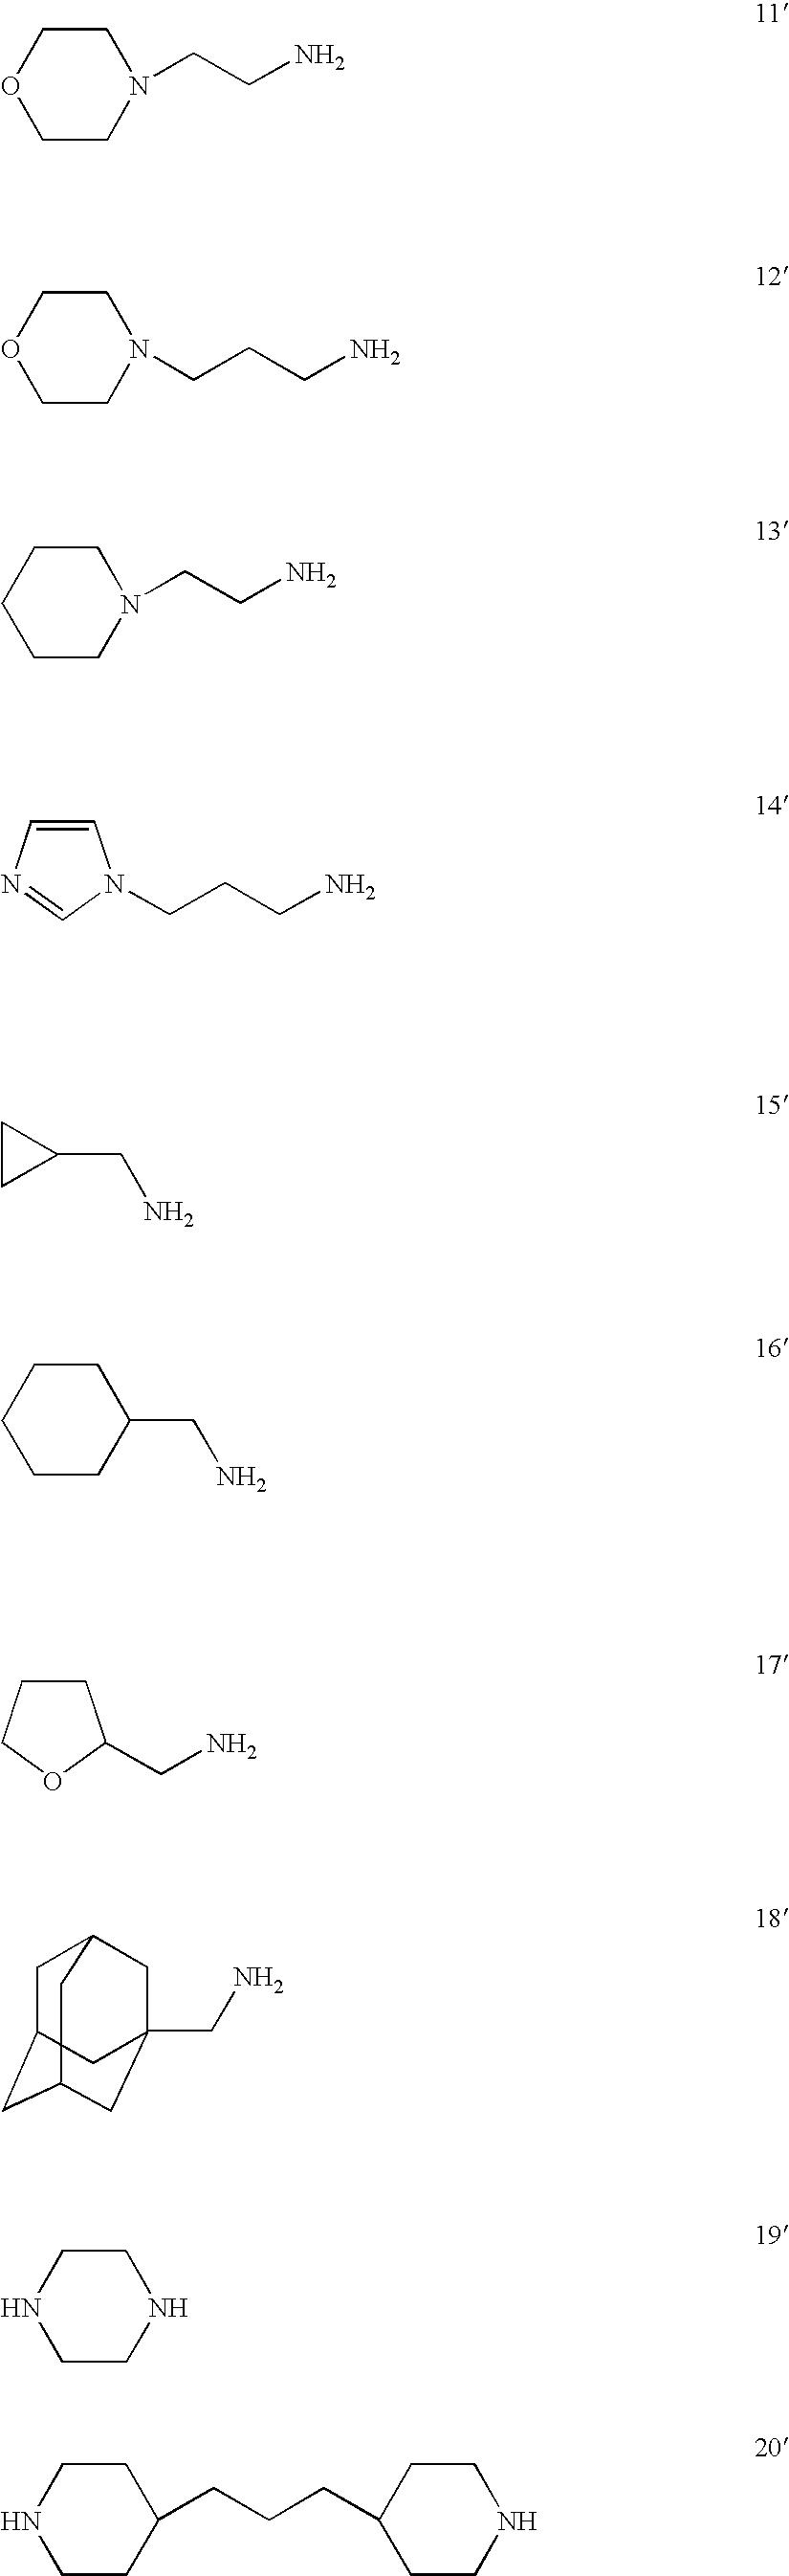 Figure US20050244504A1-20051103-C00016